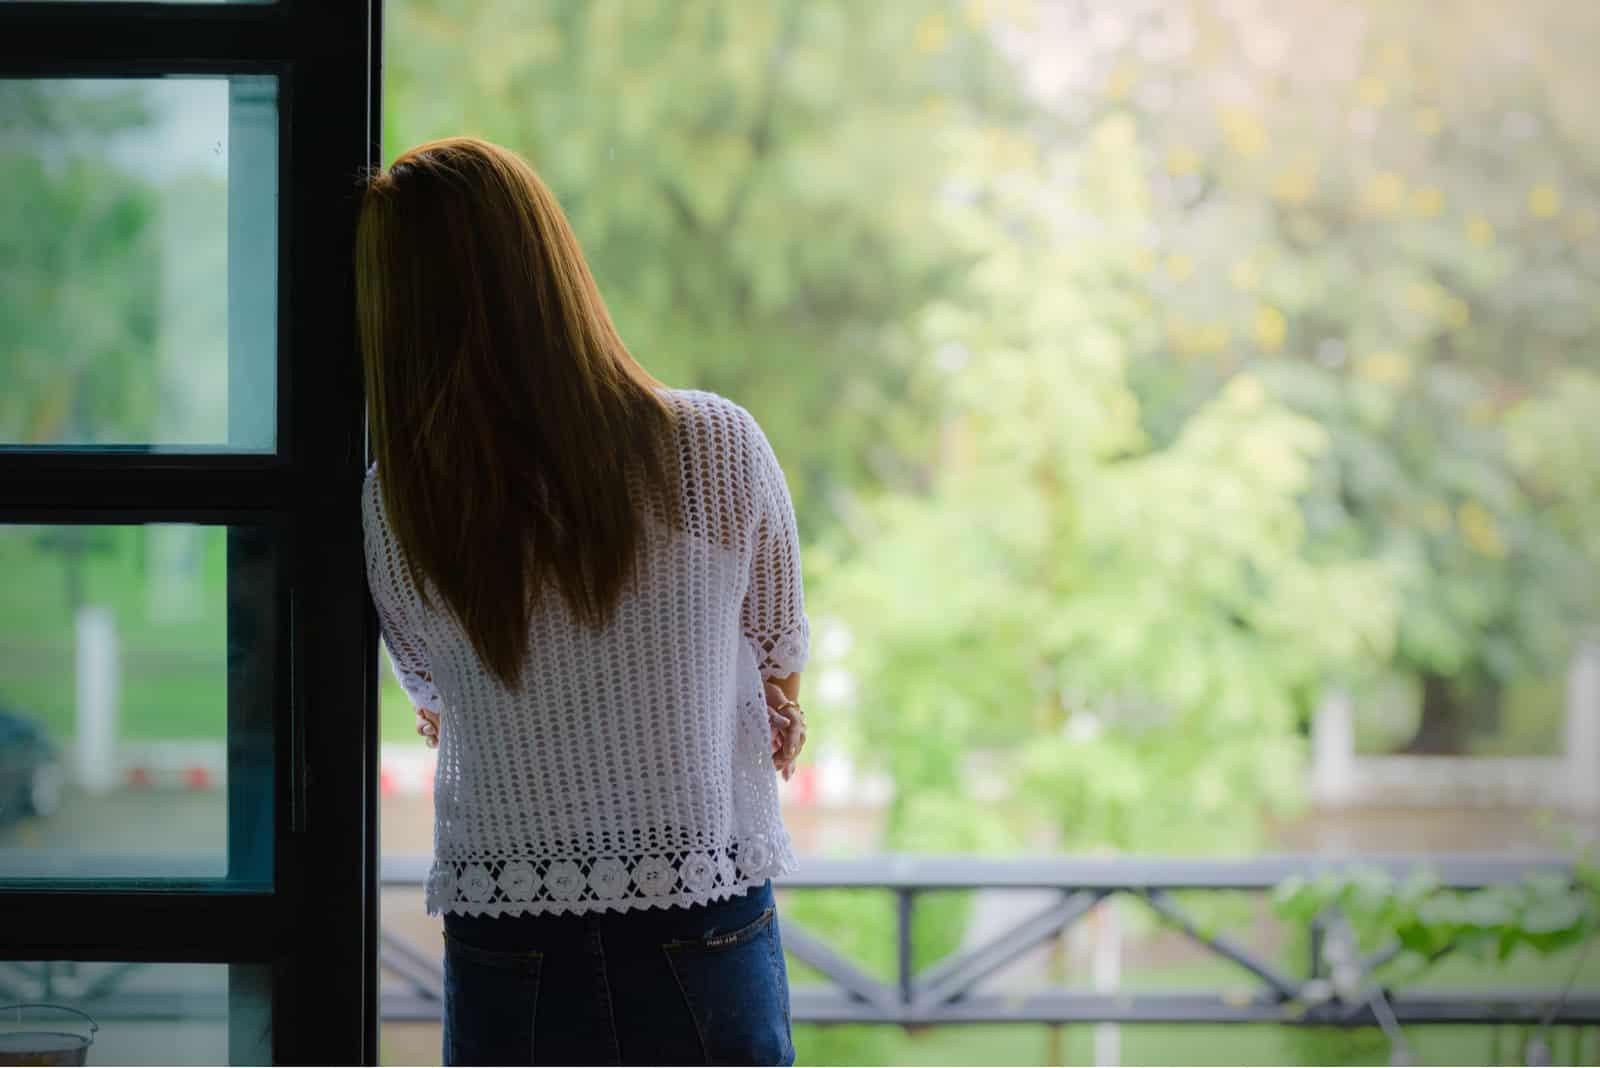 Orsaken Till Att Du Inte Ska Sms-a Honom, Baserat På Ditt Stjärntecken